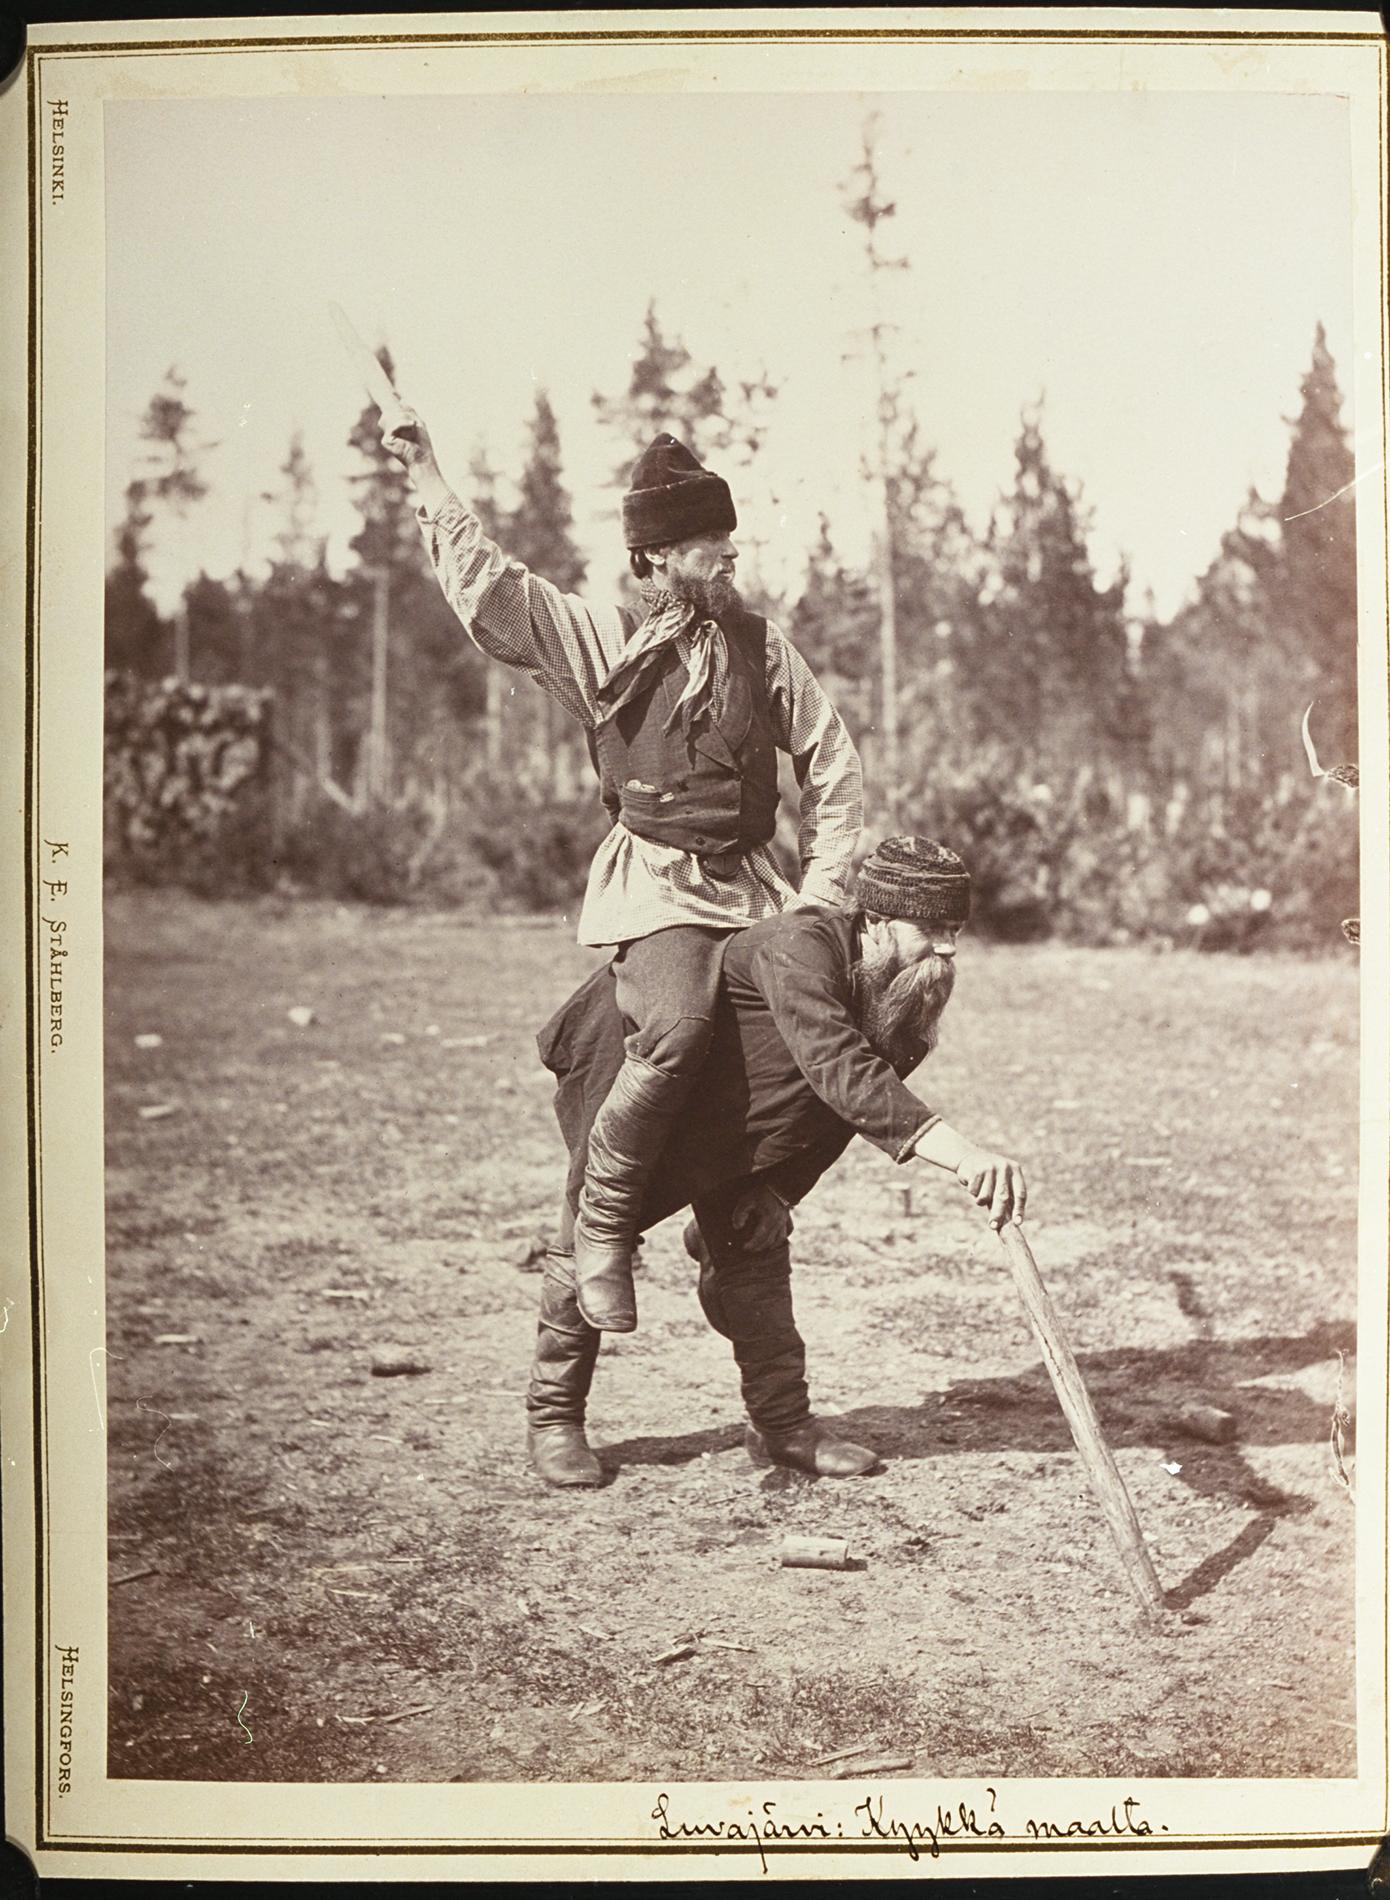 Kyykkäpeli, selästä ajo, kuvattu 1894. Kiimaisjärvi, Luvajärvi. SKS KRA. Kuvaaja: I.K.Inha.